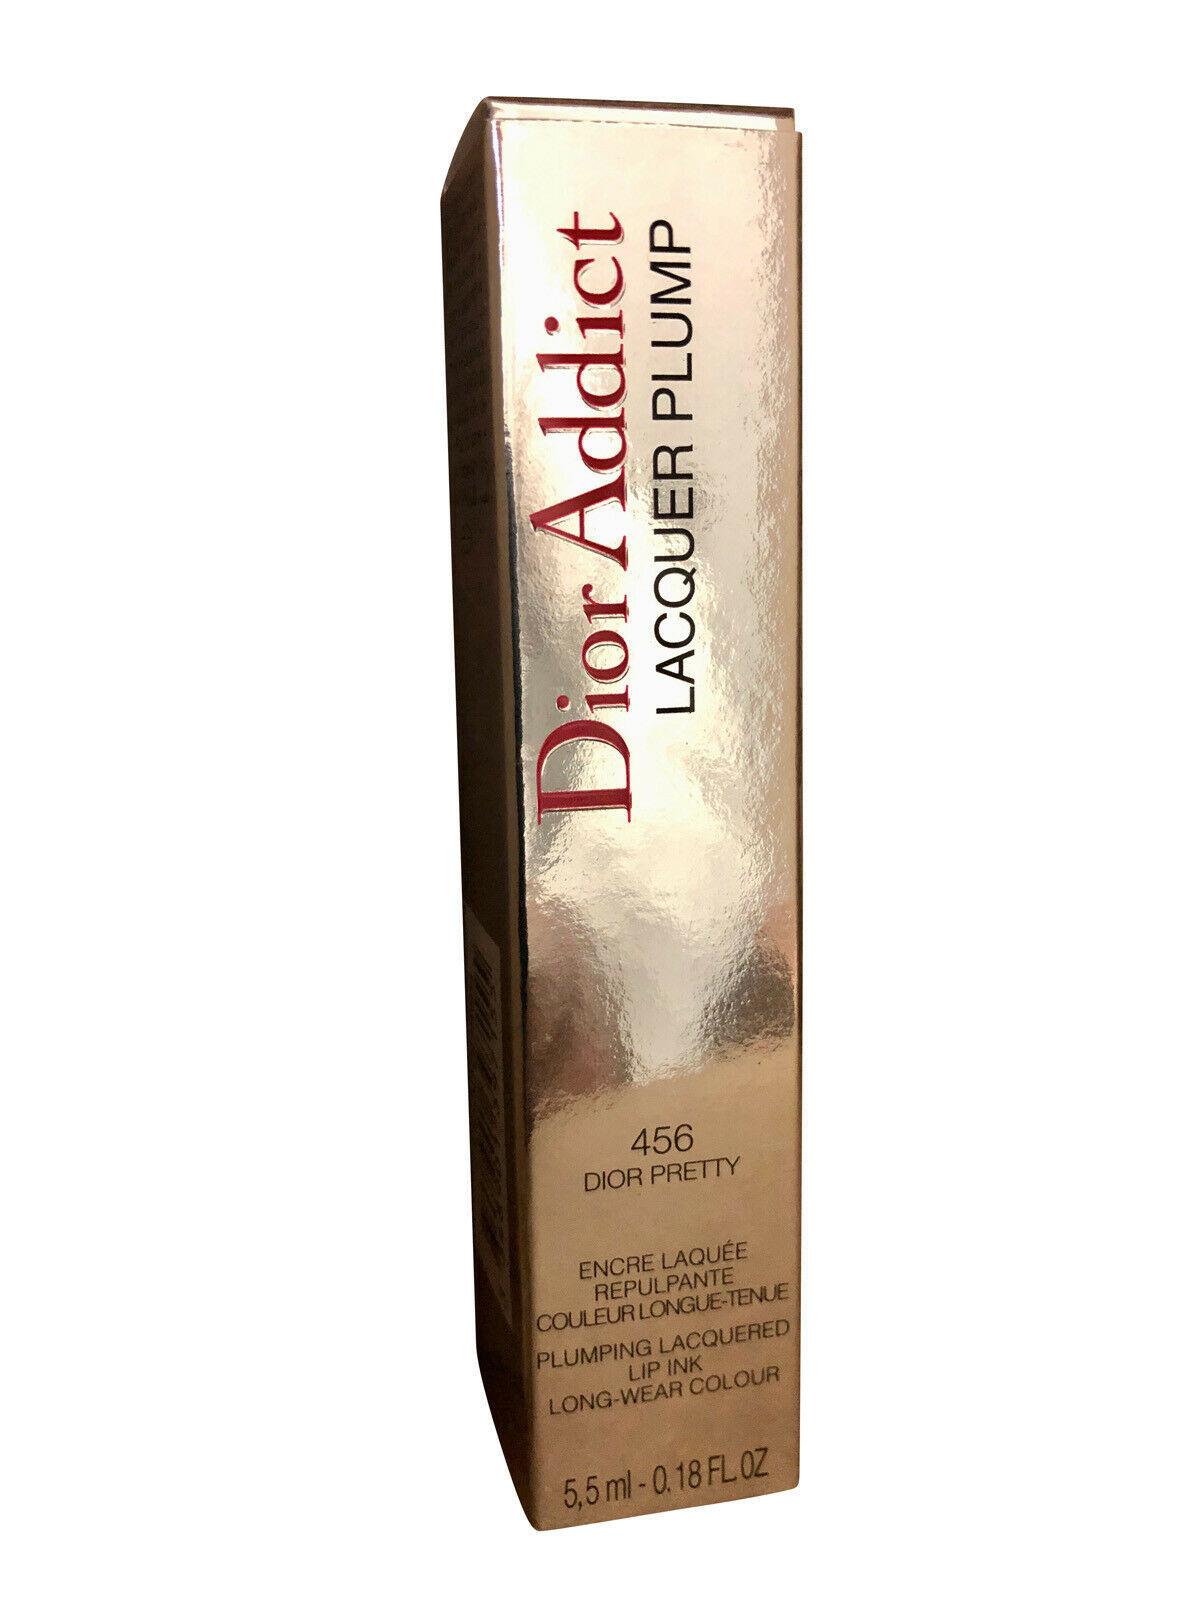 Dior Addict Lacquer Plump 456 Dior Pretty 0.18 OZ - $39.00